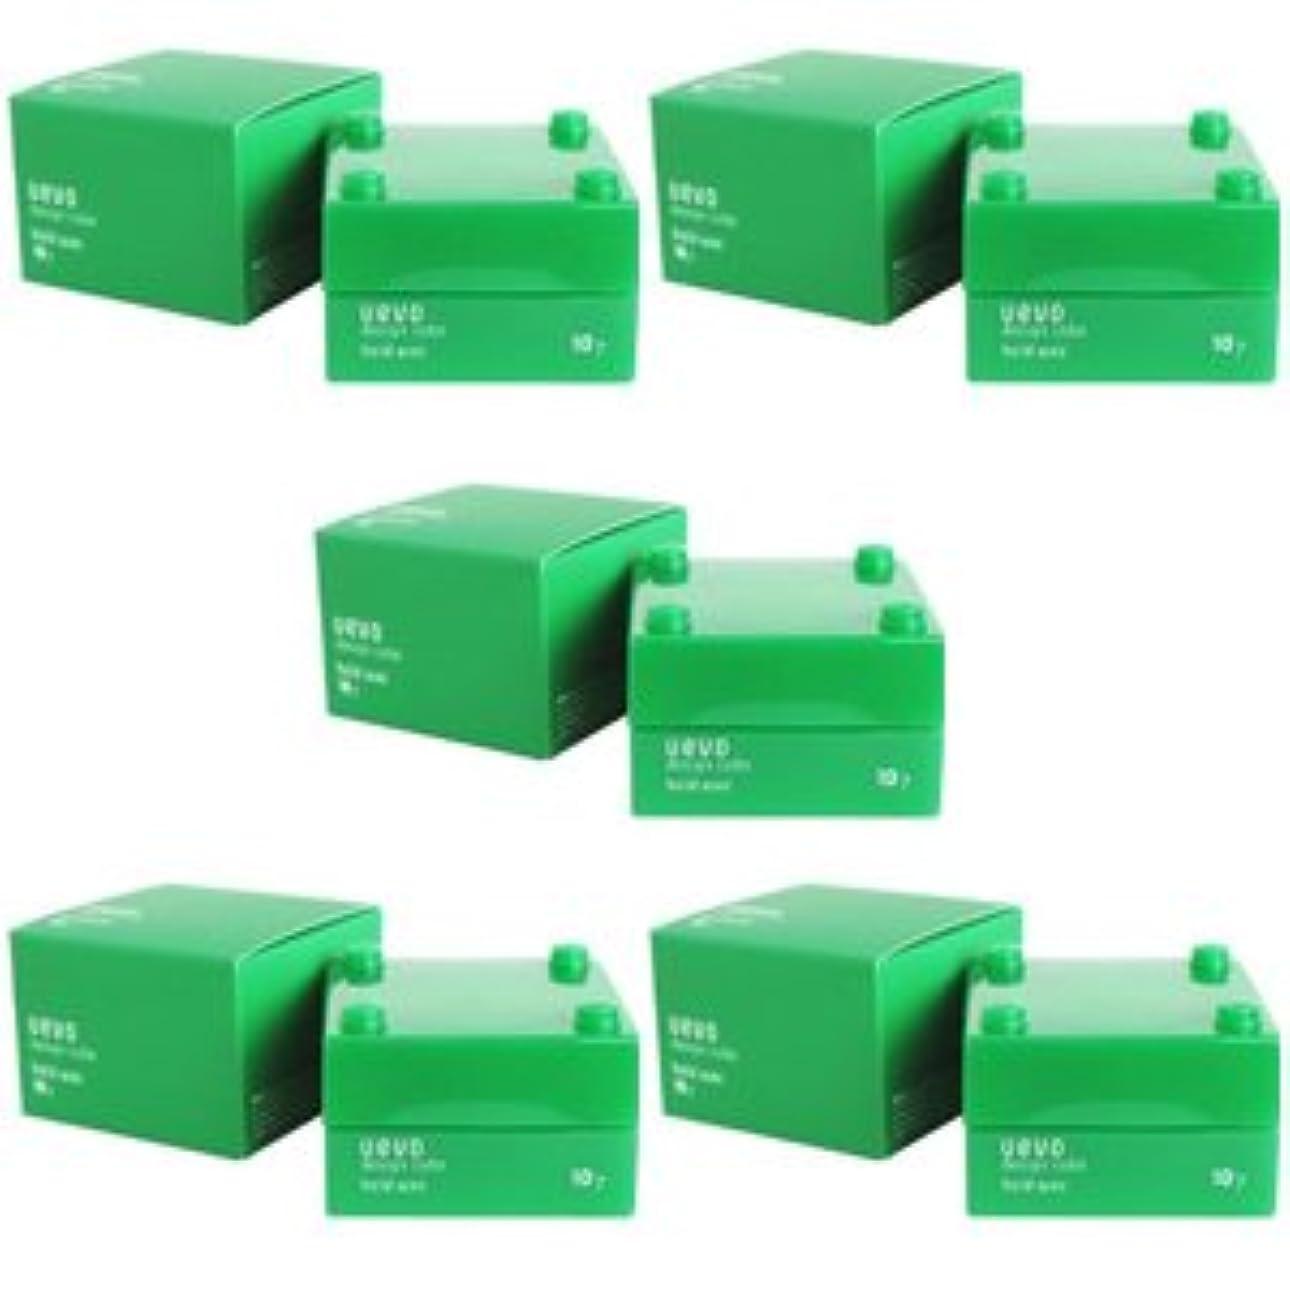 他に憂鬱理論的【X5個セット】 デミ ウェーボ デザインキューブ ホールドワックス 30g hold wax DEMI uevo design cube